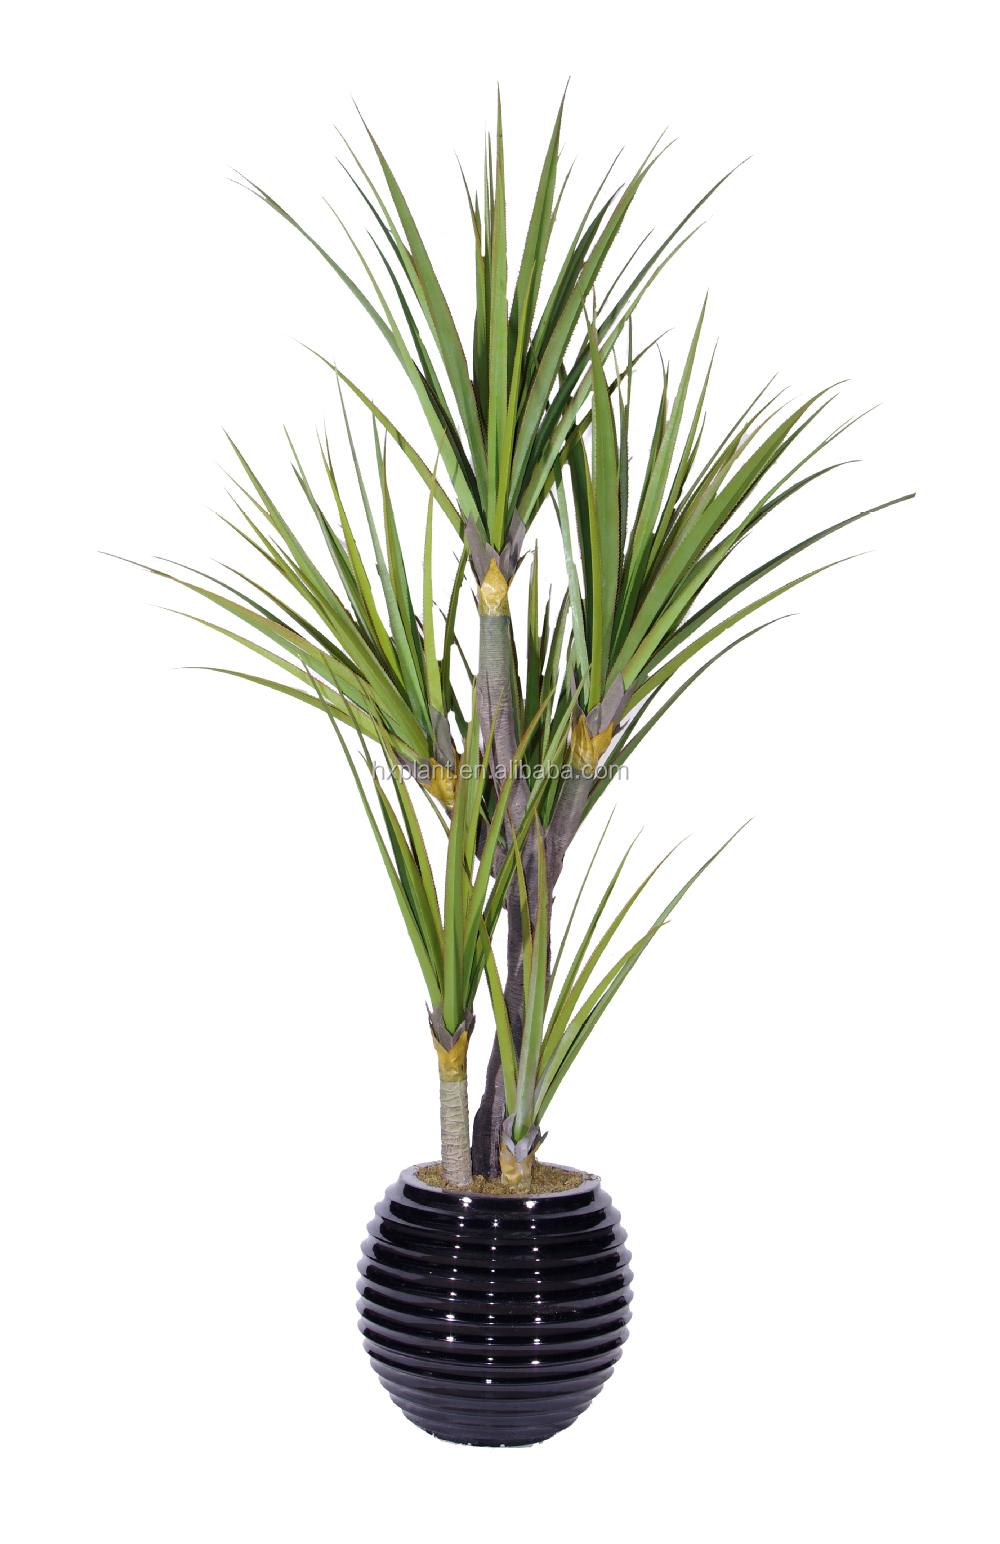 Plante Haute En Pot extérieur artificiel plante en pot,bonsaï vente en gros bonsaï pots À  vendre - buy gros pots de bonsaï À vendre,plante de pot extérieur